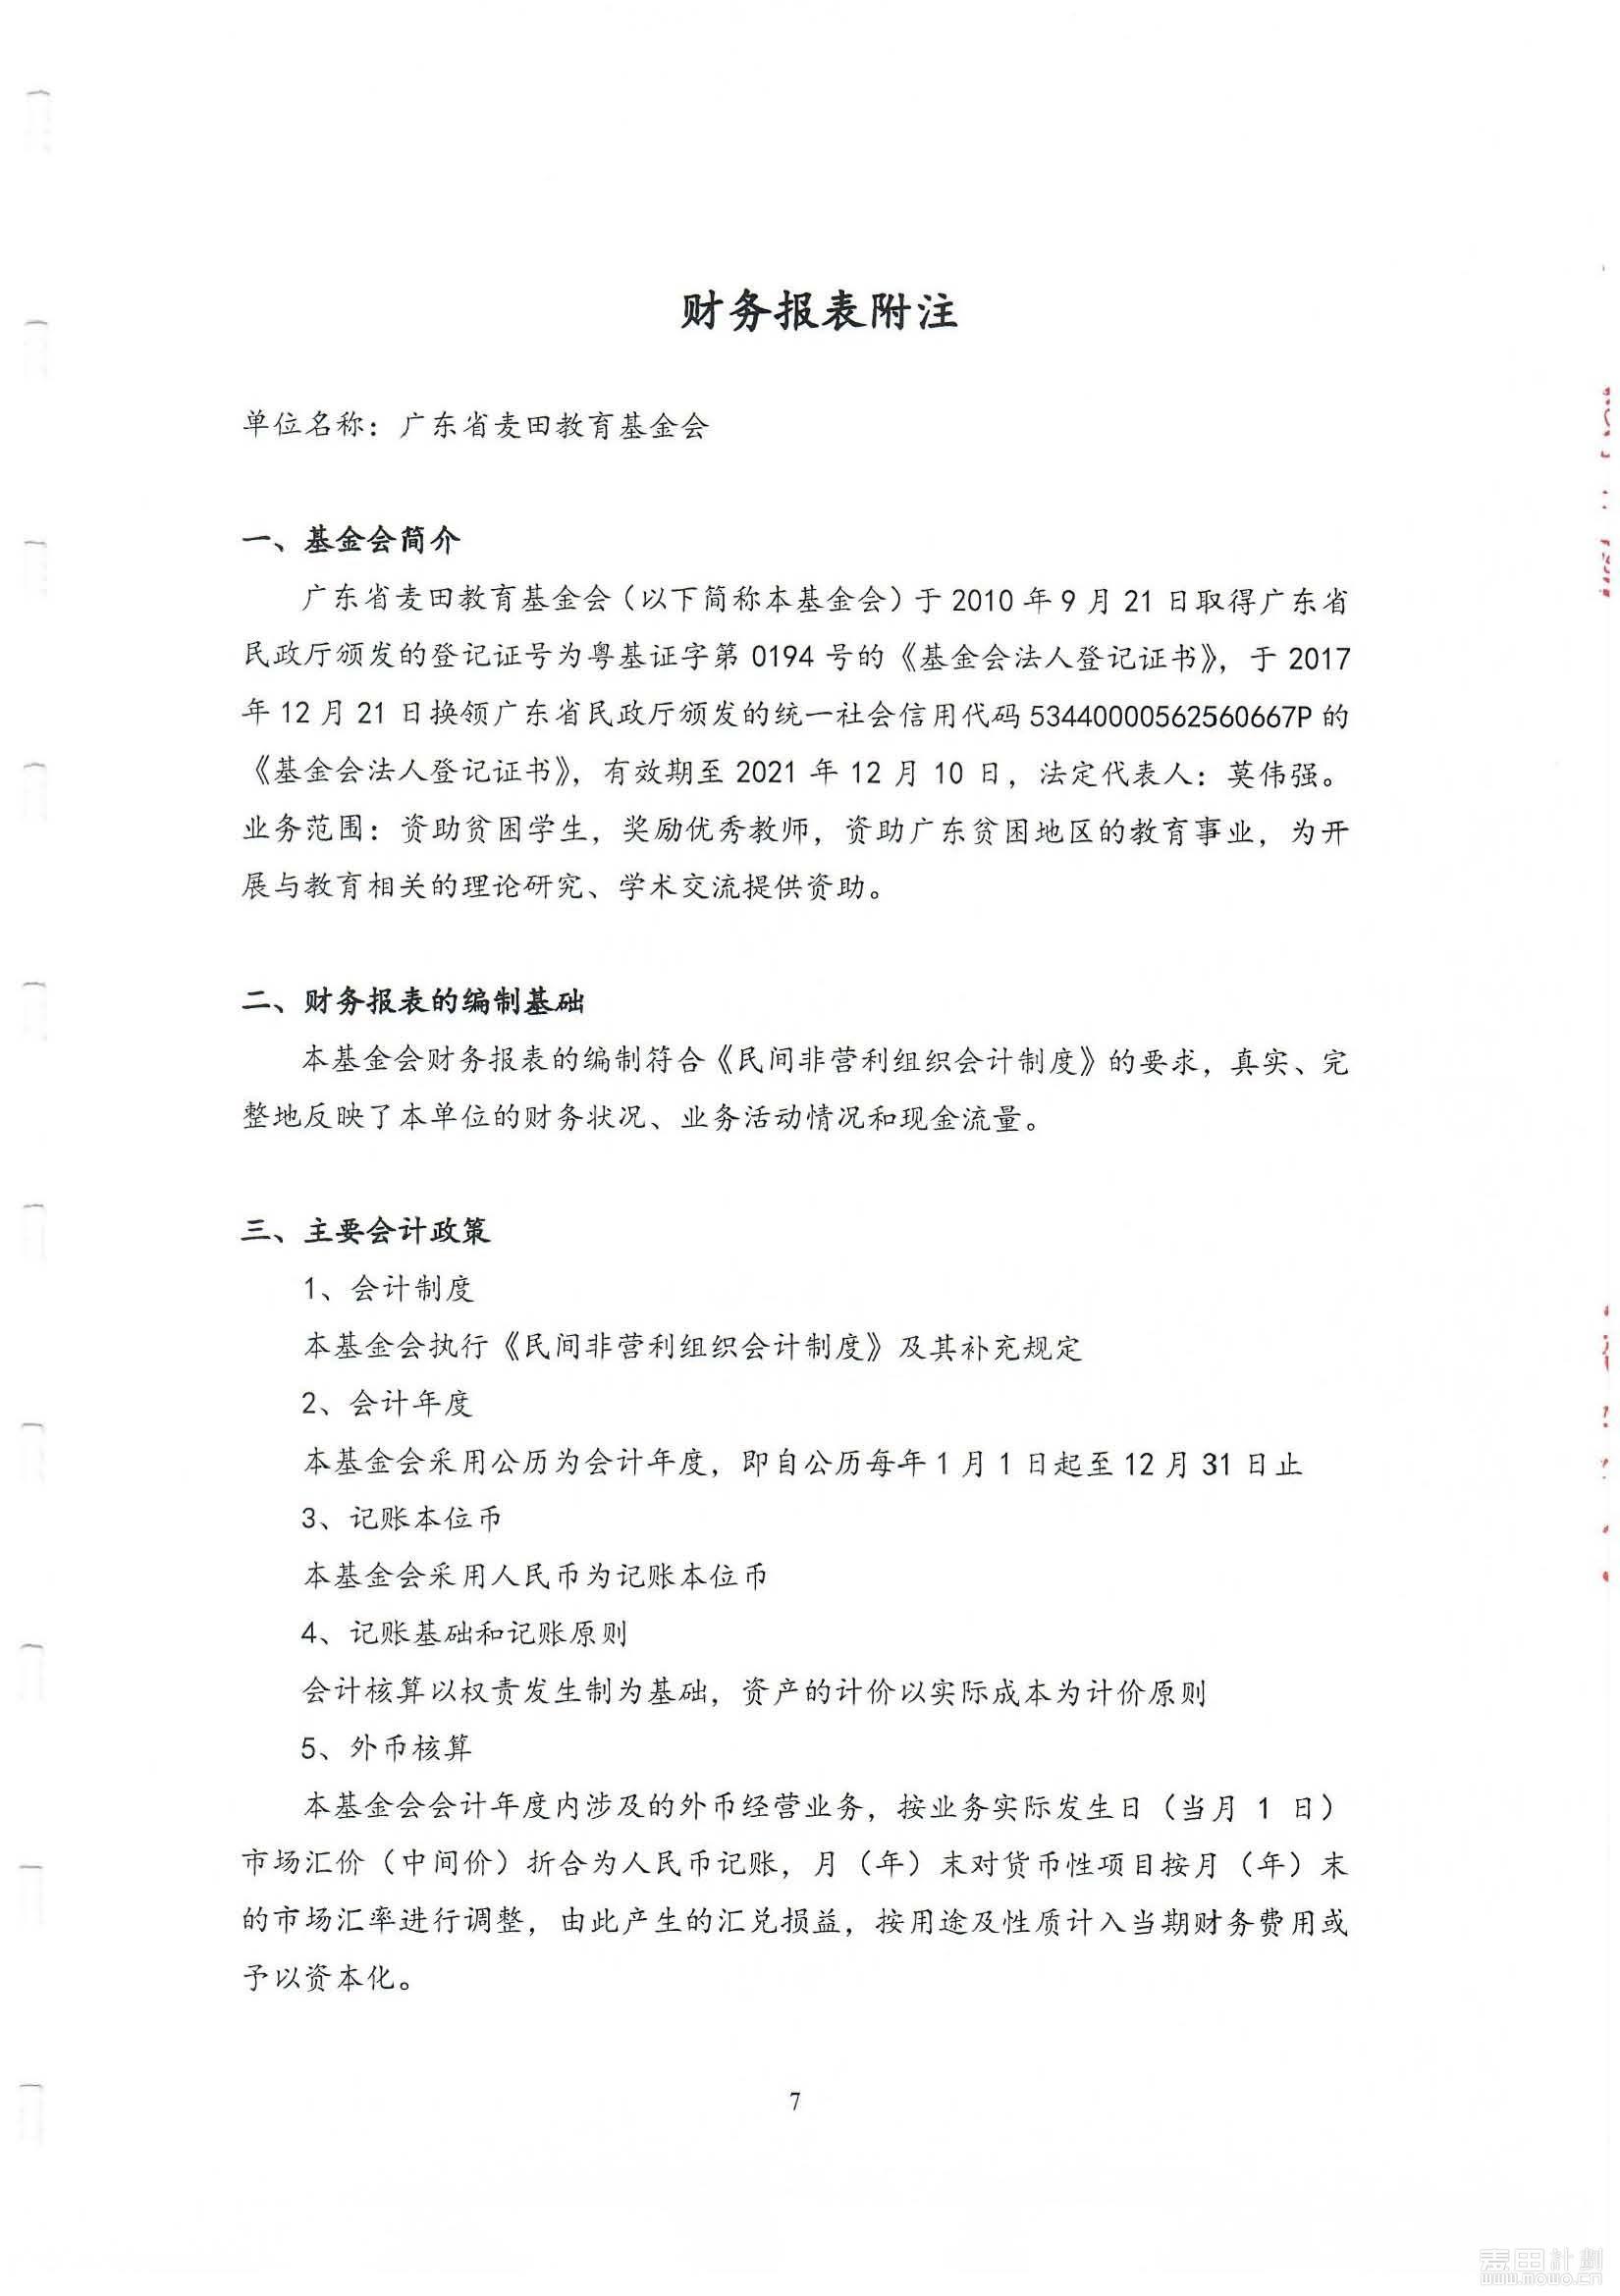 2018年麦田审计报告_页面_09.jpg